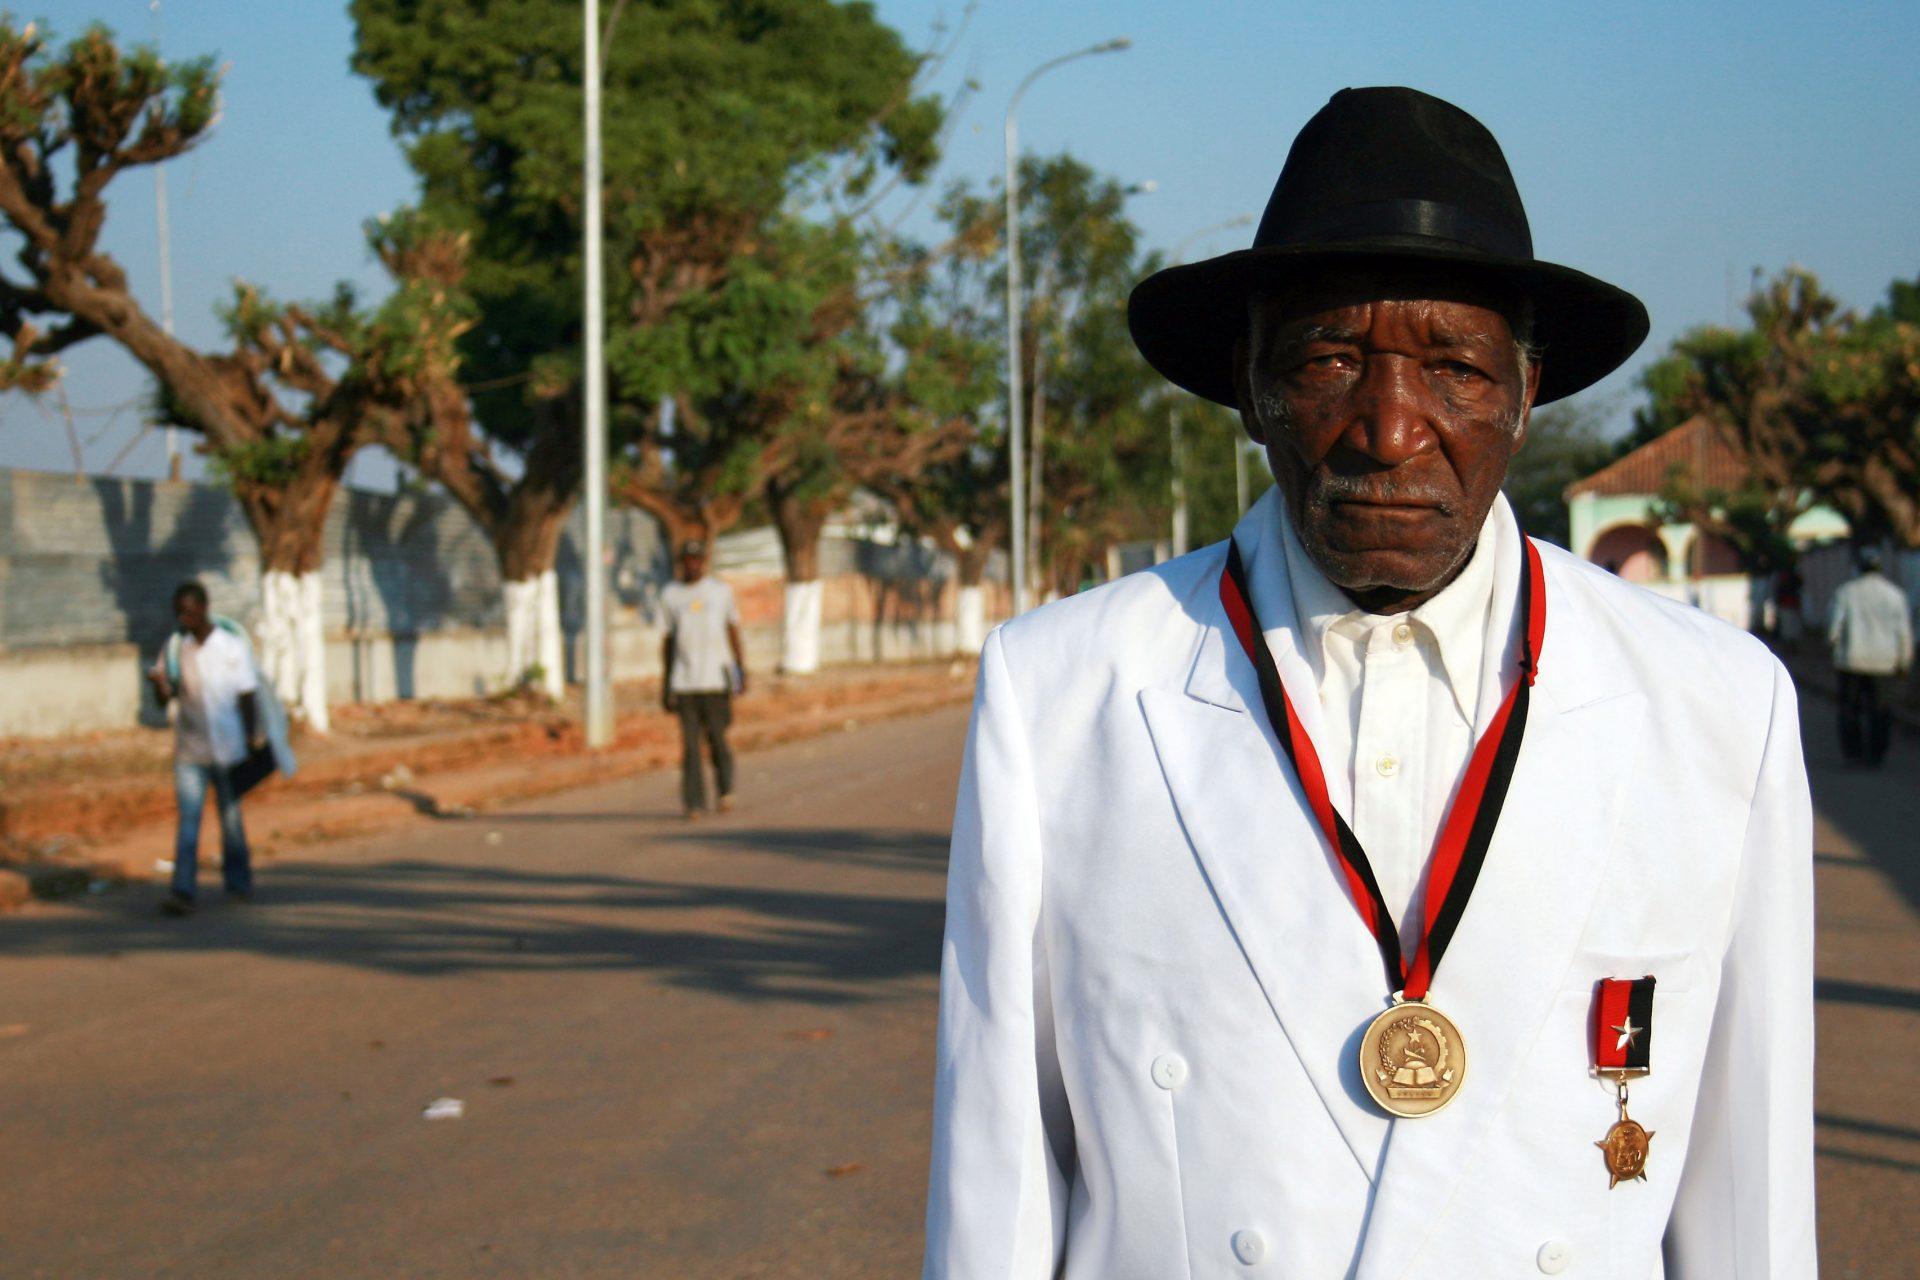 Augusto Katyopololo, 97 anos, o soba dos sobas, já era rei no tempo colonial, continuou a sê-lo durante a guerra civil, fugiu de Savimbi e abraçou o MPLA, que o apresenta em posição elegível às próximas legislativas, Bailundo, Angola, 28 de agosto de 2008. HENRIQUE BOTEQUILHA/LUSA